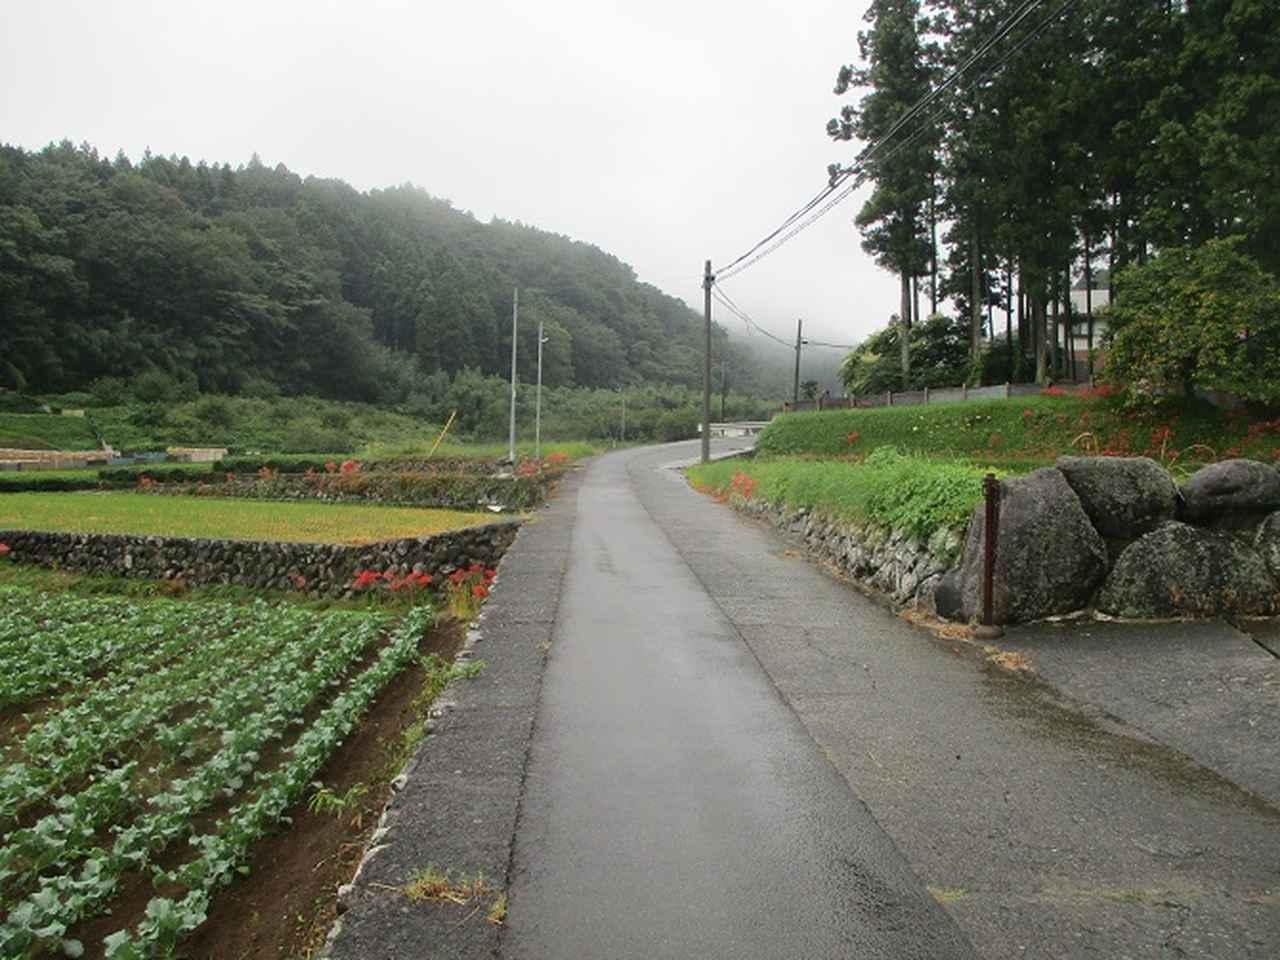 画像1: 10月の山旅会 「矢倉岳」 ツアーの下見に行ってきました!